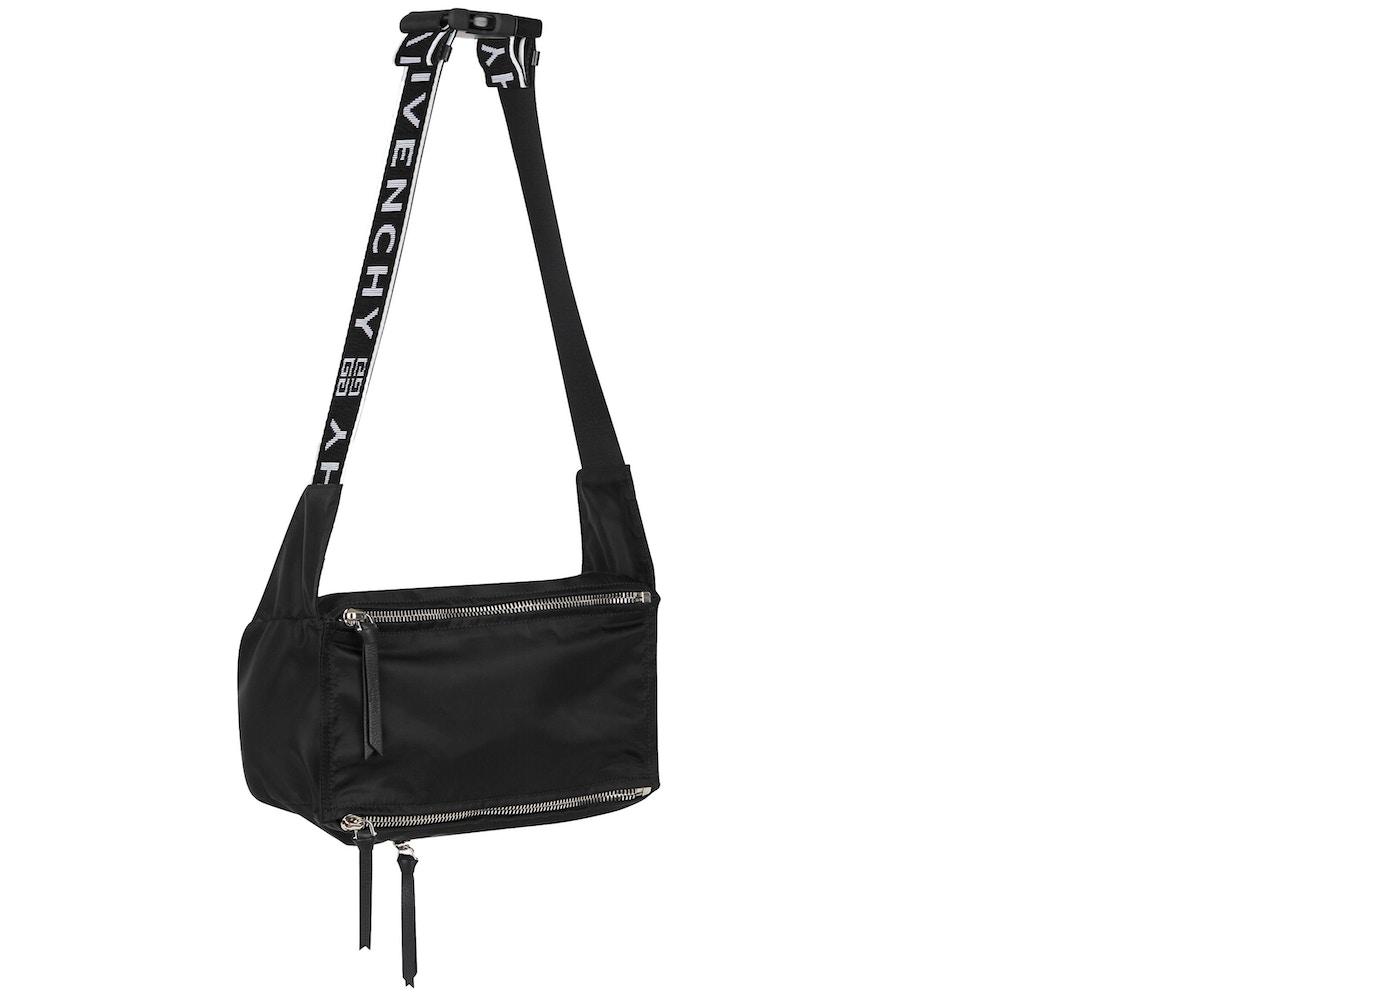 6bf68ad58e Givenchy Pandora 4G Bum Bag Black